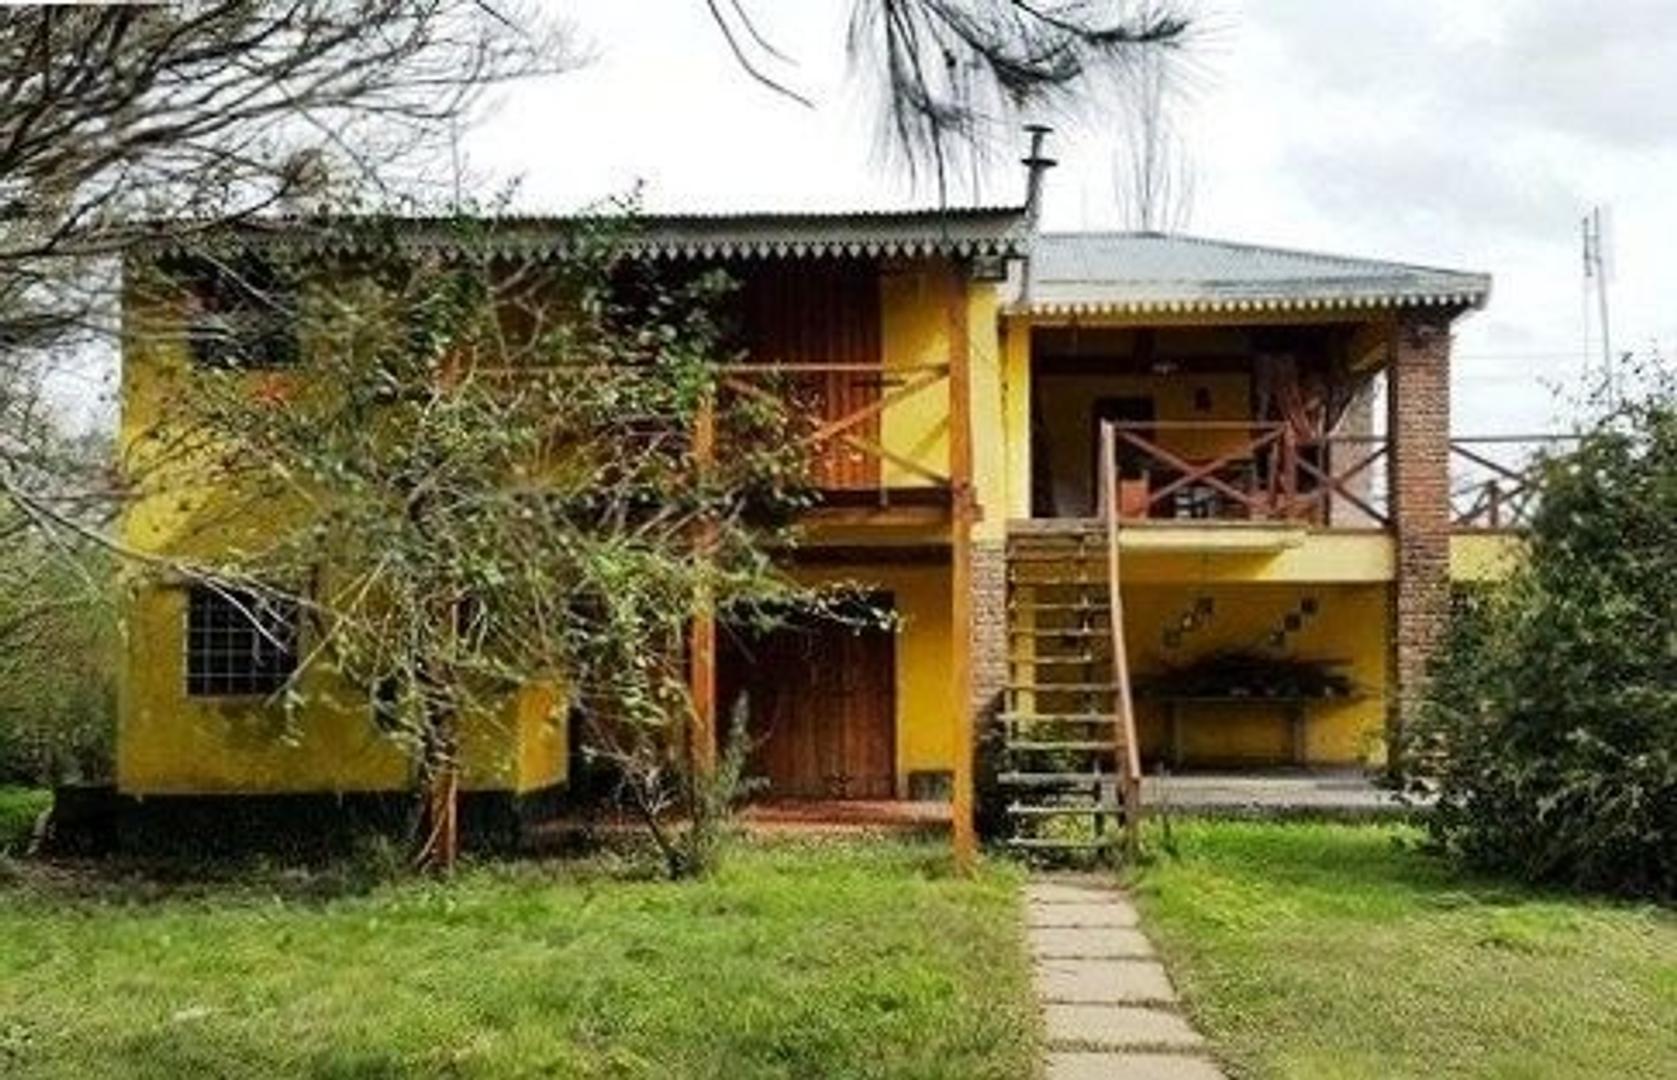 XINTEL(MBG-MBG-24) Casa - Venta - Argentina, Tigre